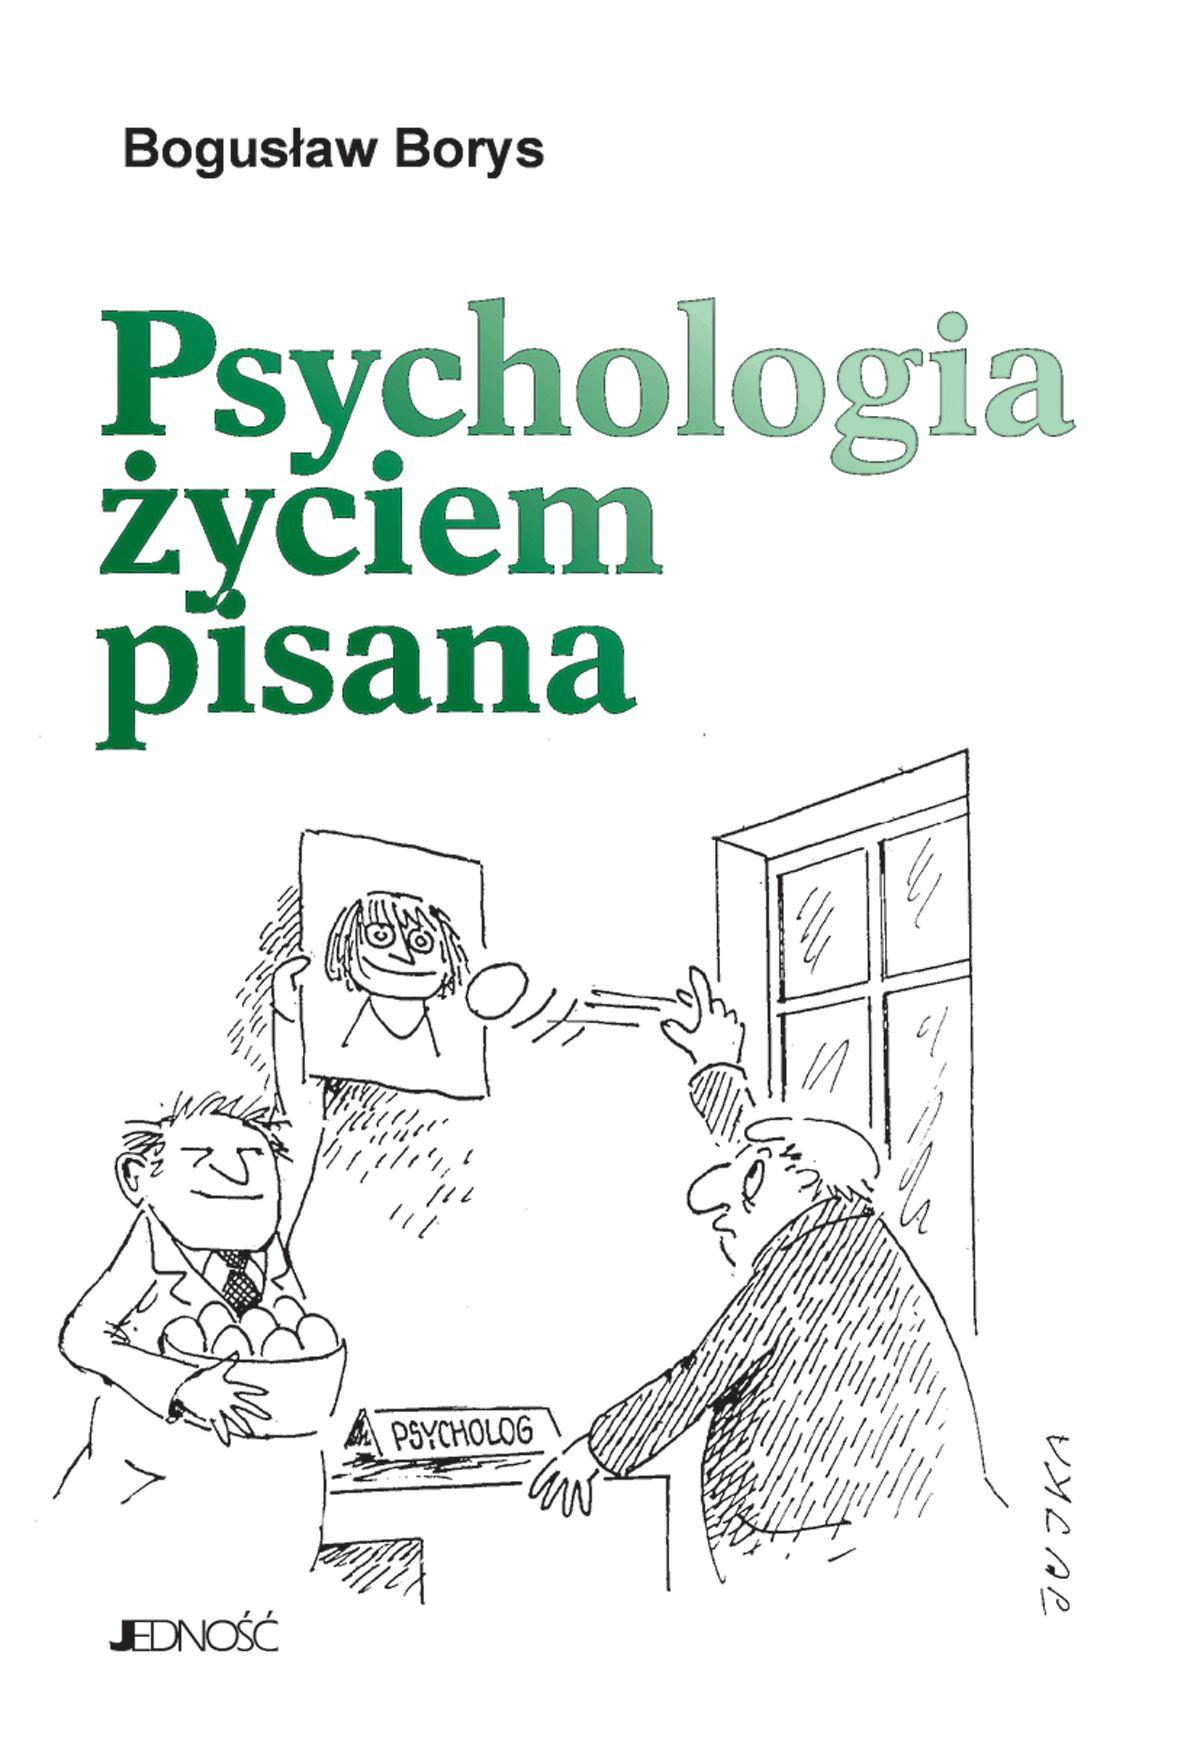 Psychologia życiem pisana - Ebook (Książka na Kindle) do pobrania w formacie MOBI